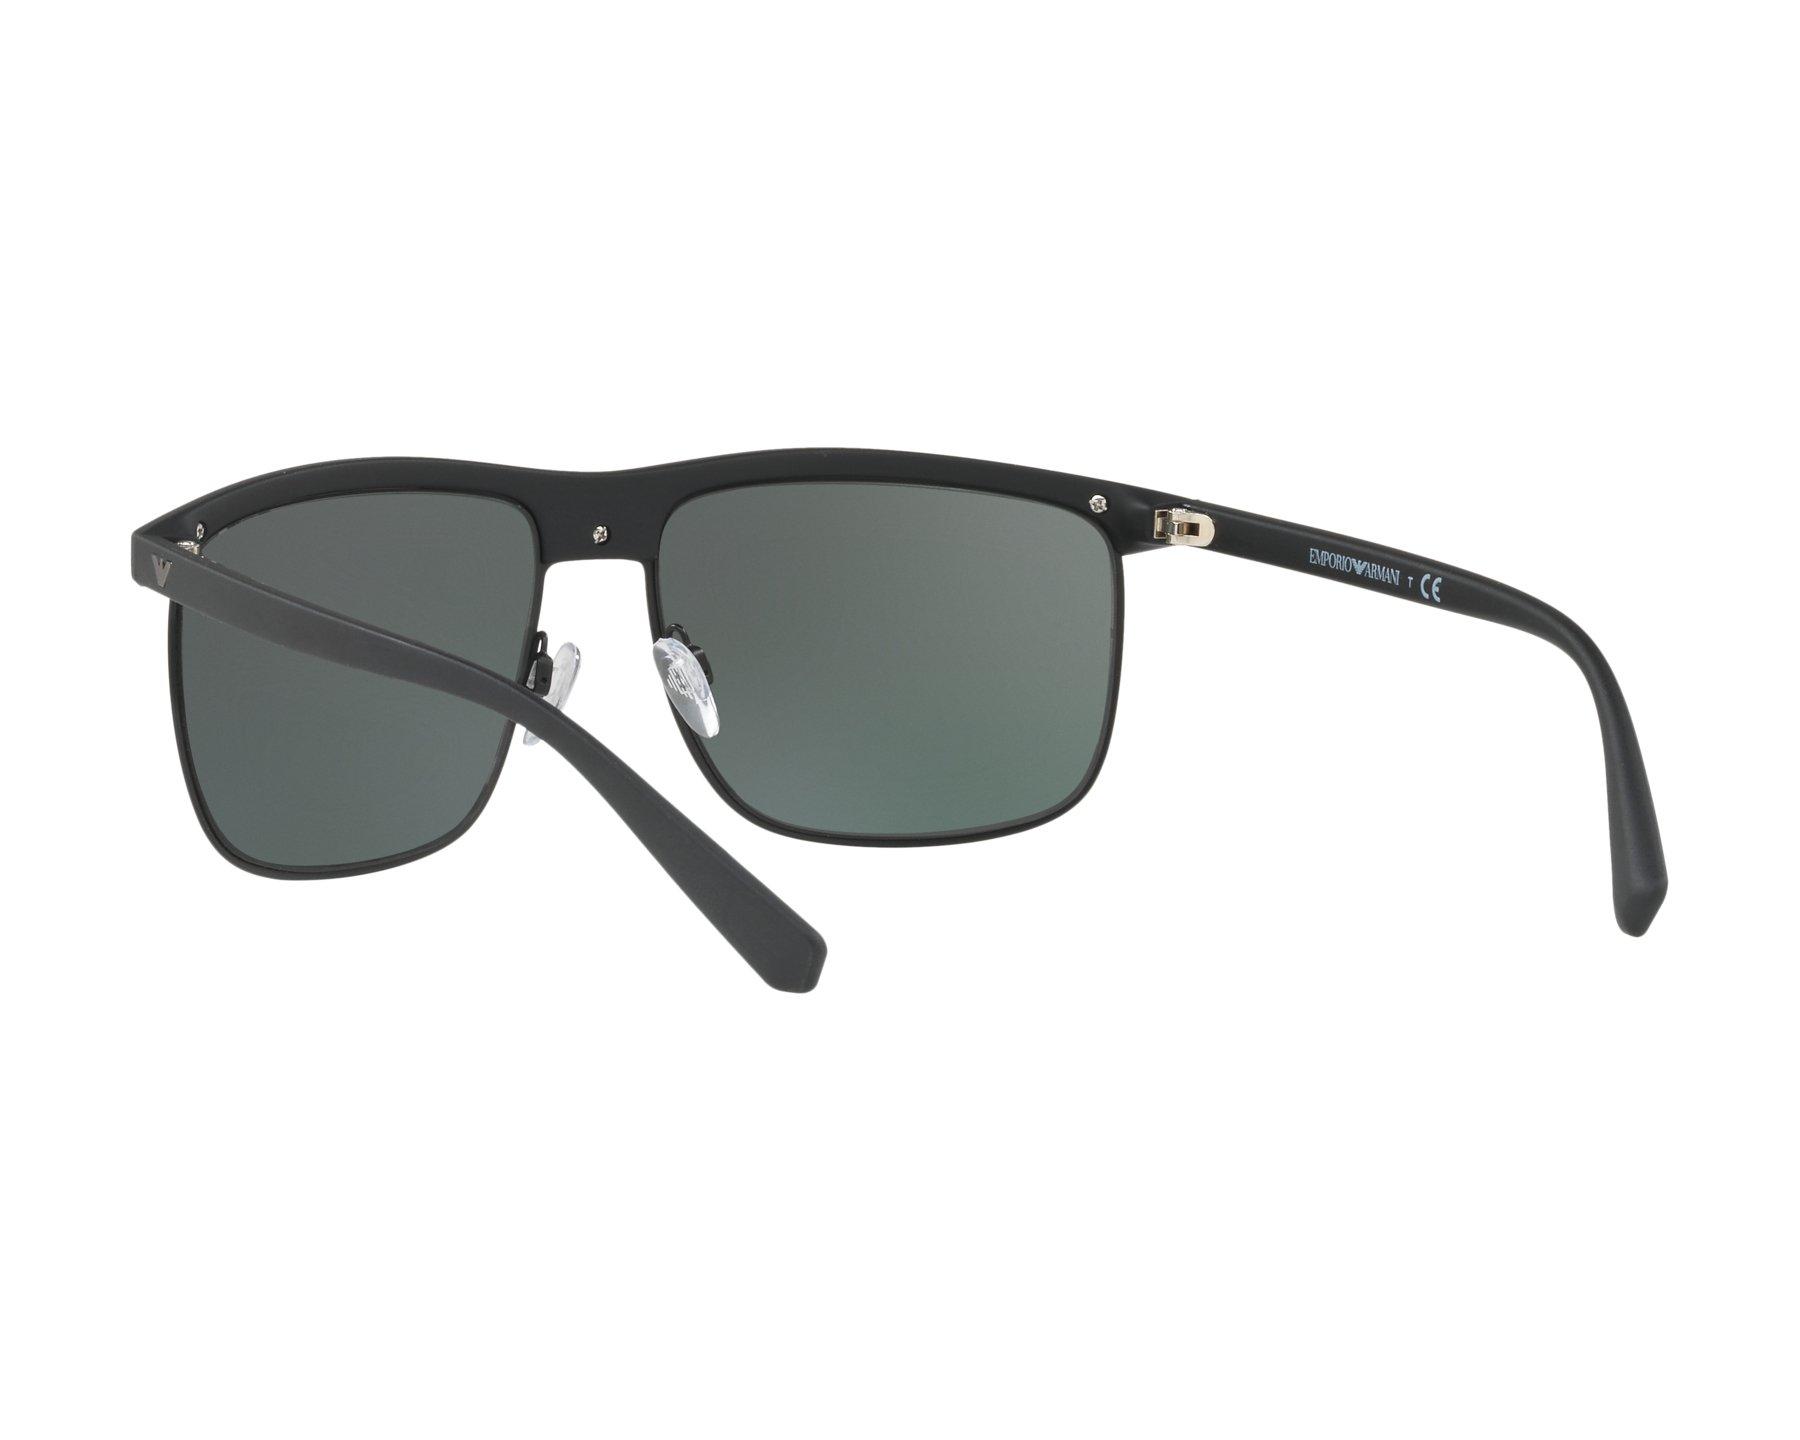 244a351c7dc Sunglasses Emporio Armani EA-4108 504271 60-16 Black Gun 360 degree view 6